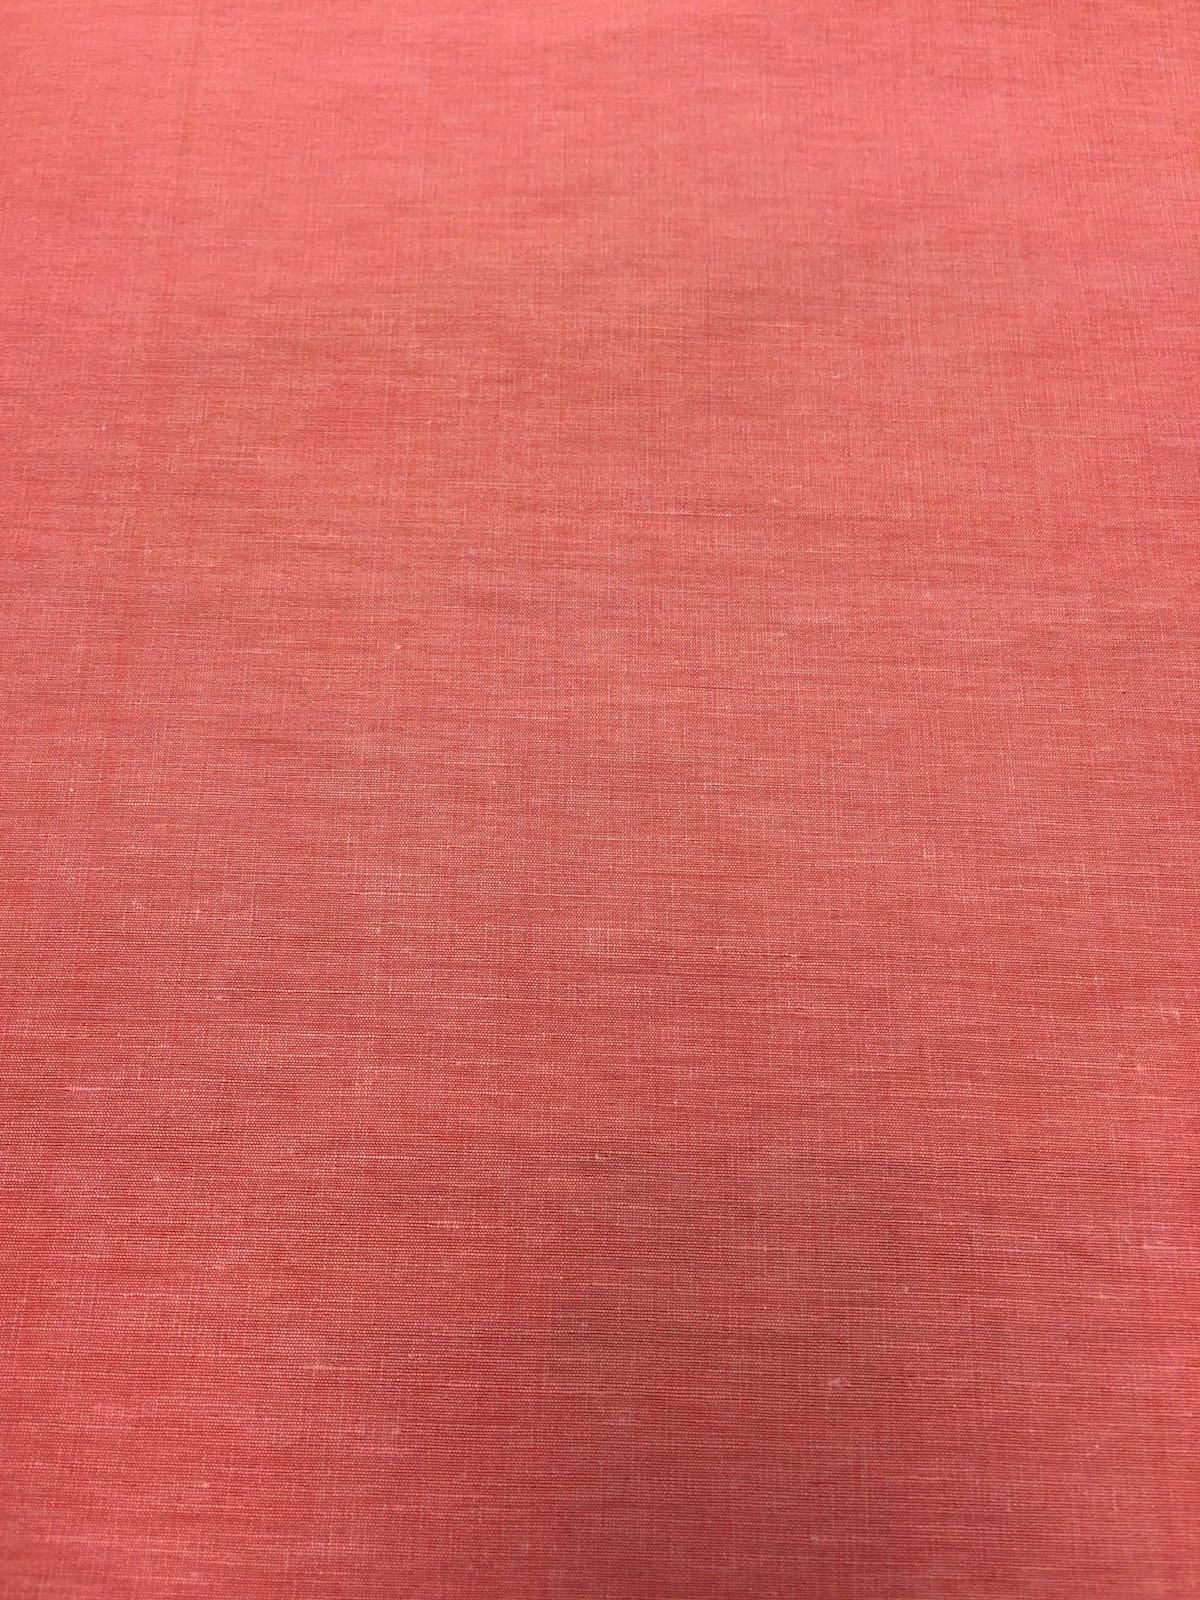 Coral Linen/Silk Blend